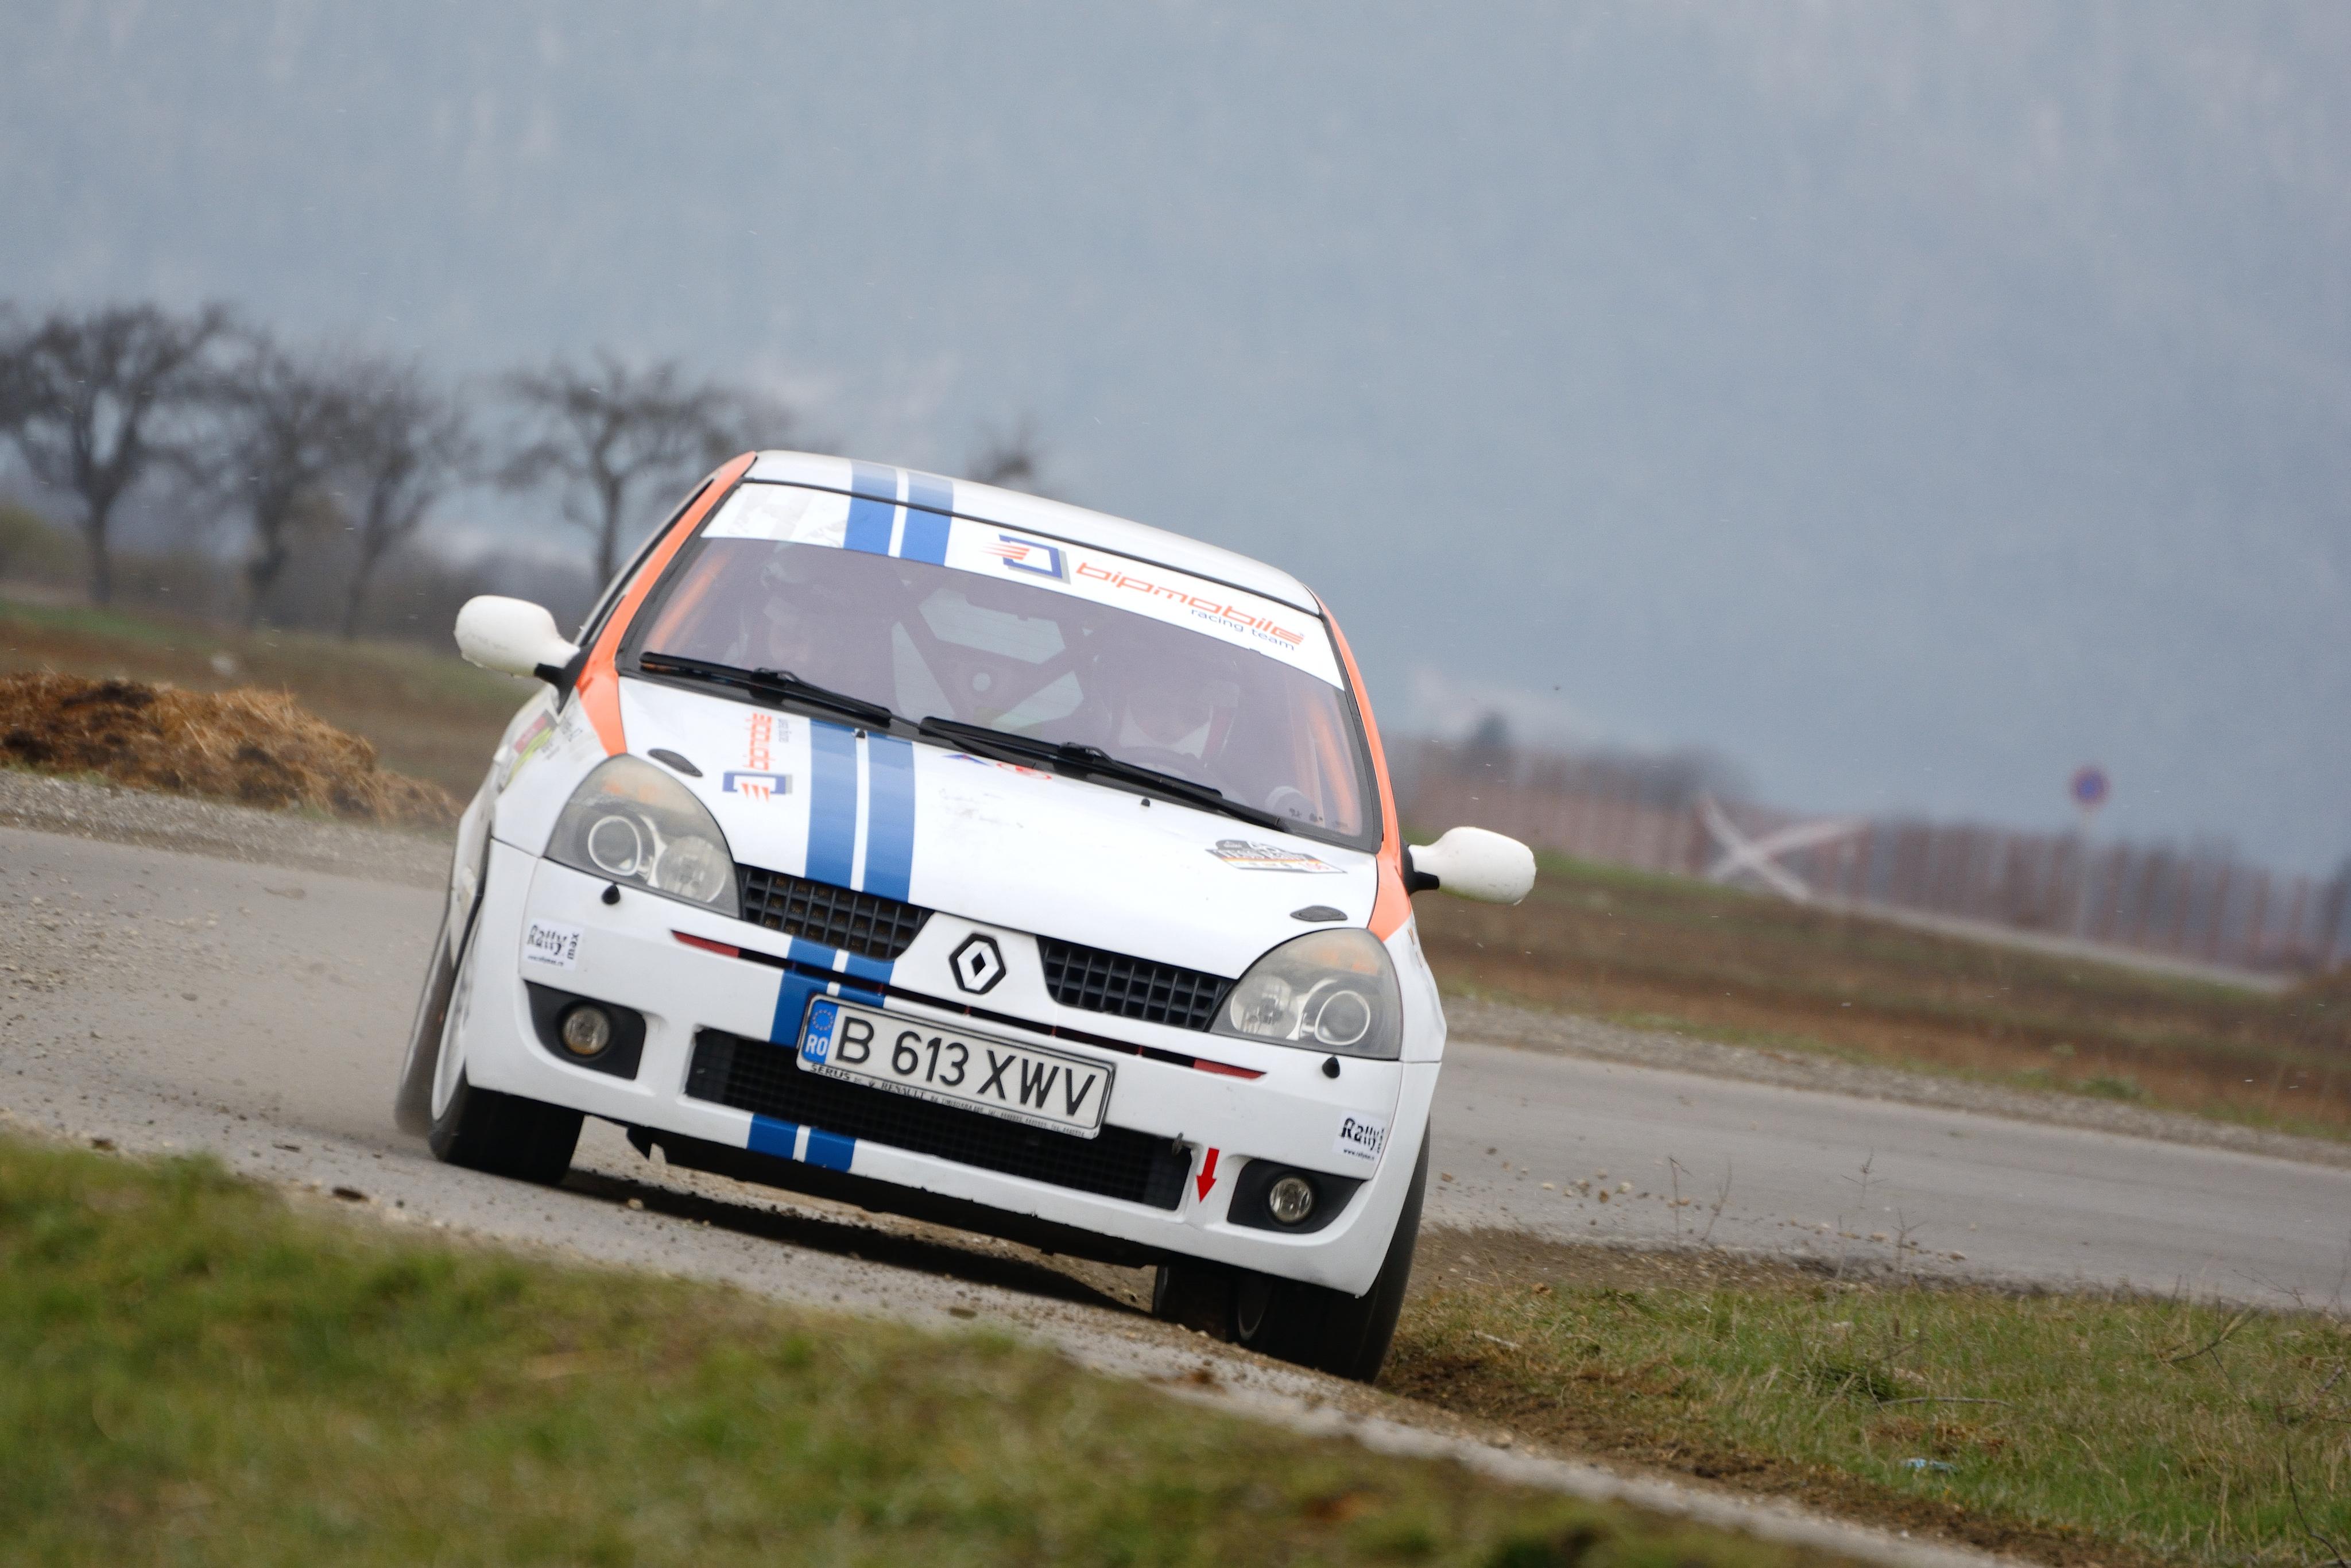 """Adrian Minea: """"Exista doua variante: participarea in CNR-D la clasa 12 sau cat mai multe etape Rally2"""""""